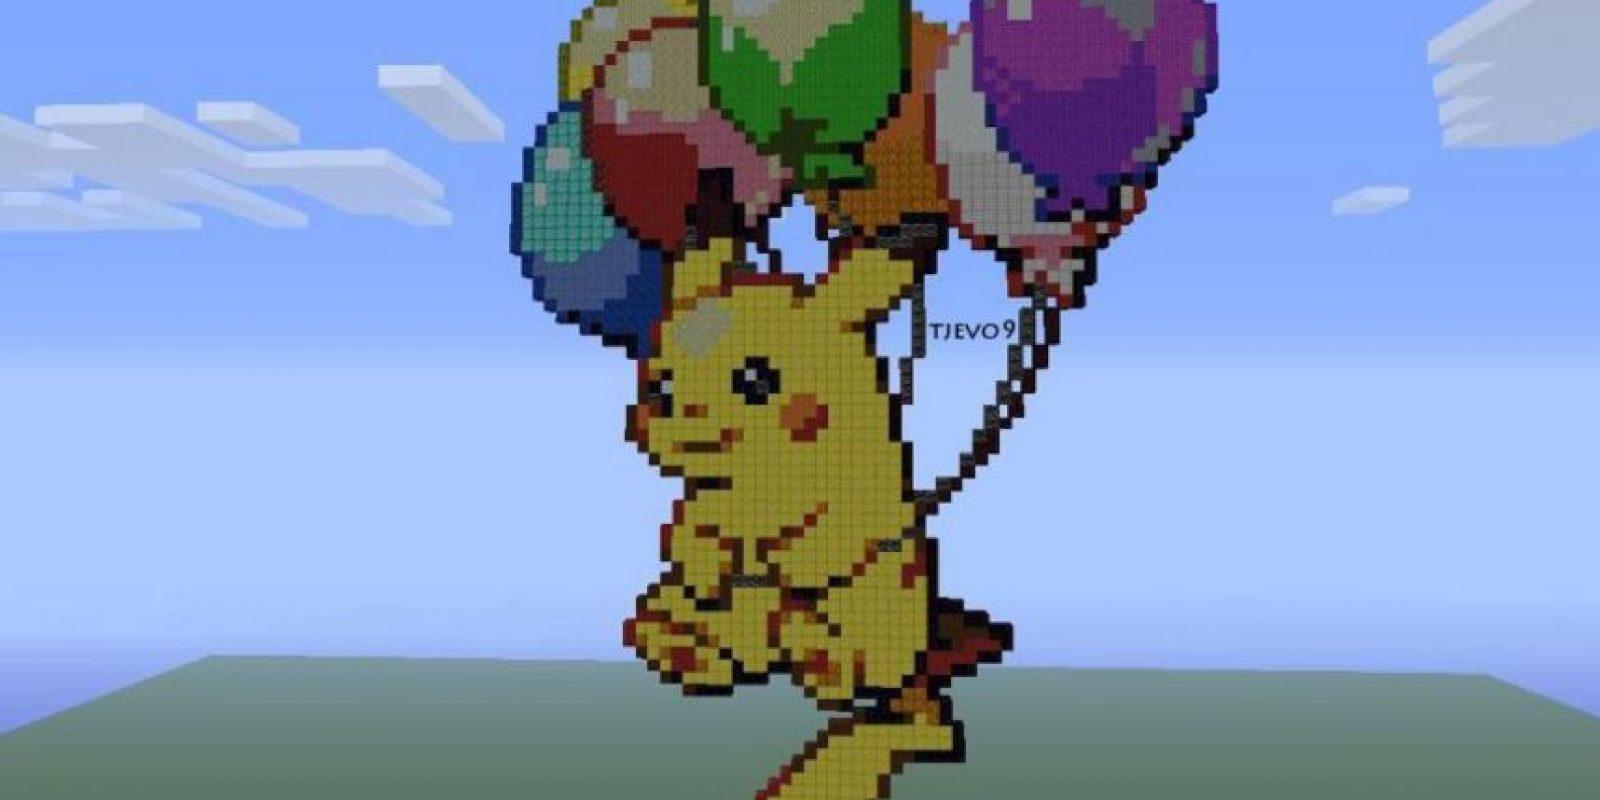 Pikachu Foto:Minecraft / Twitter